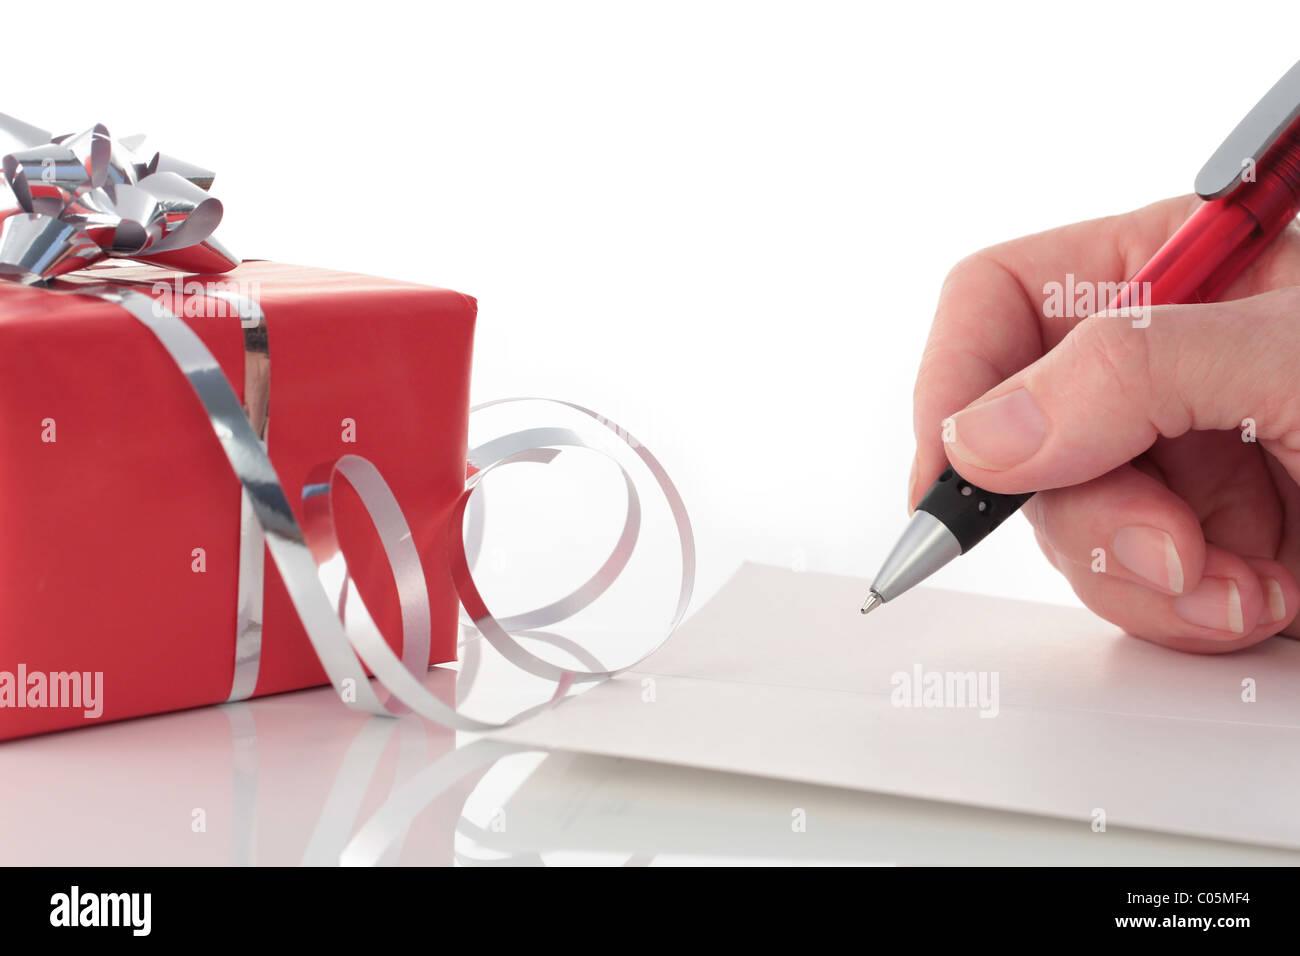 Escritura a mano en la tarjeta de regalo del Día de San Valentín rojo Imagen De Stock